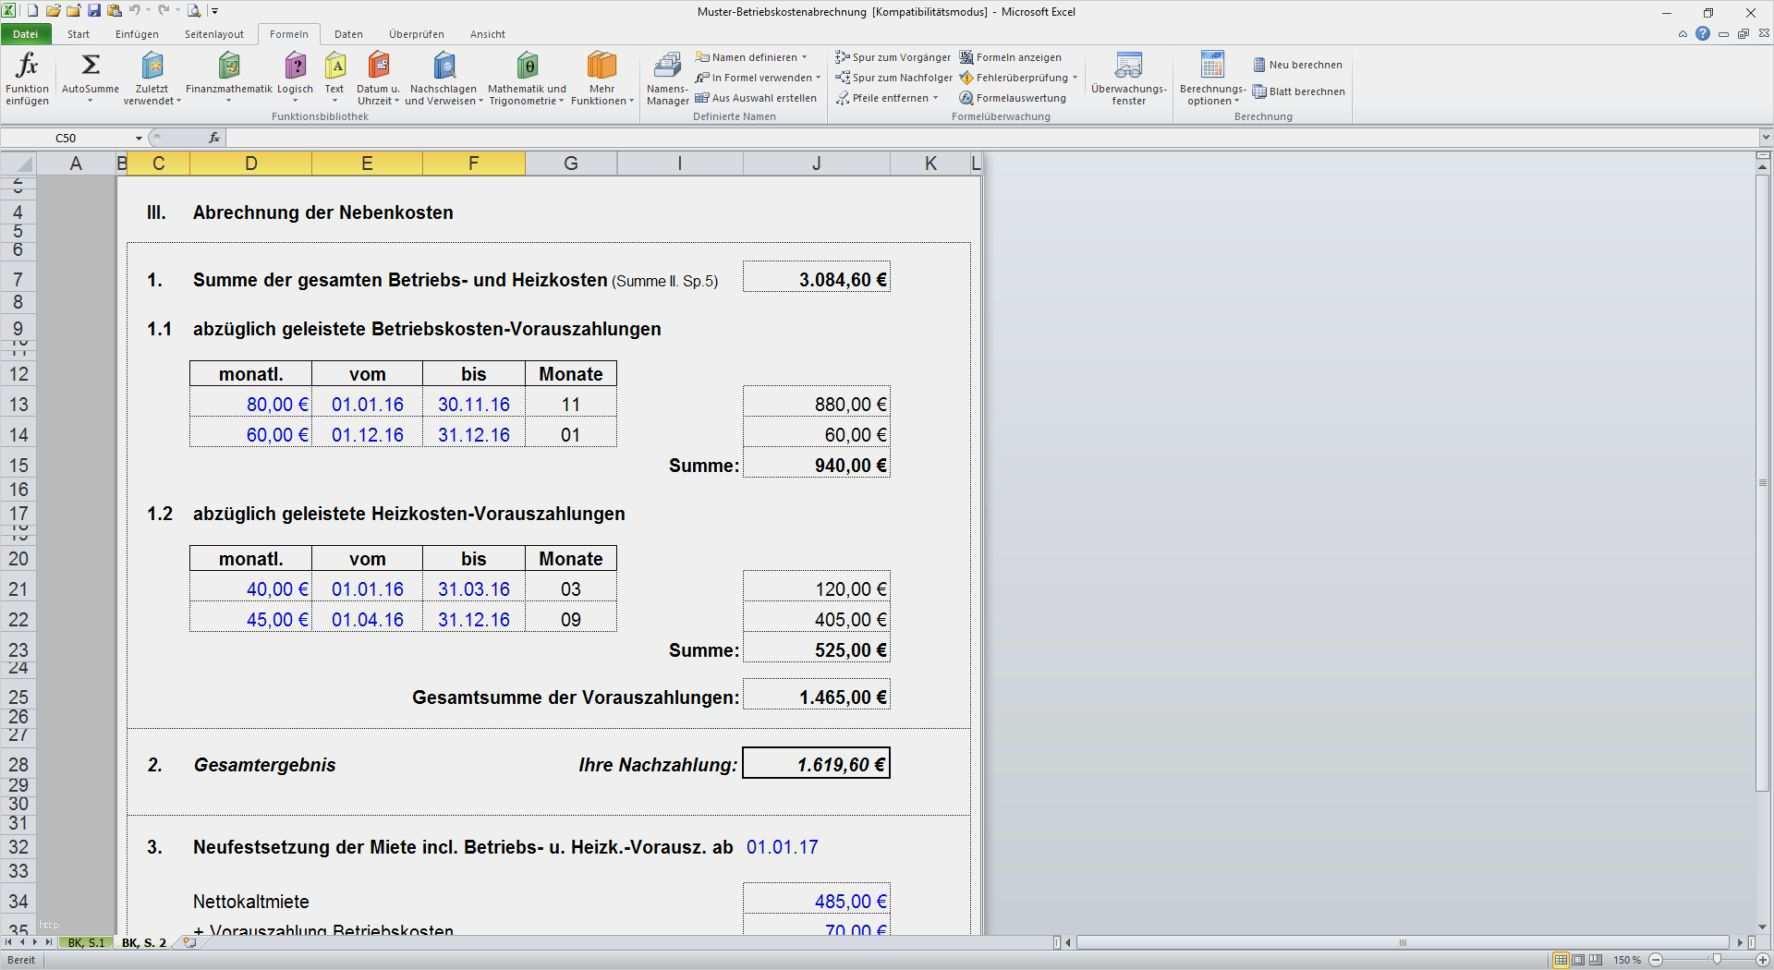 34 Elegant Excel Vorlage Betriebskostenabrechnung Bilder Excel Vorlage Vorlagen Betriebskostenabrechnung